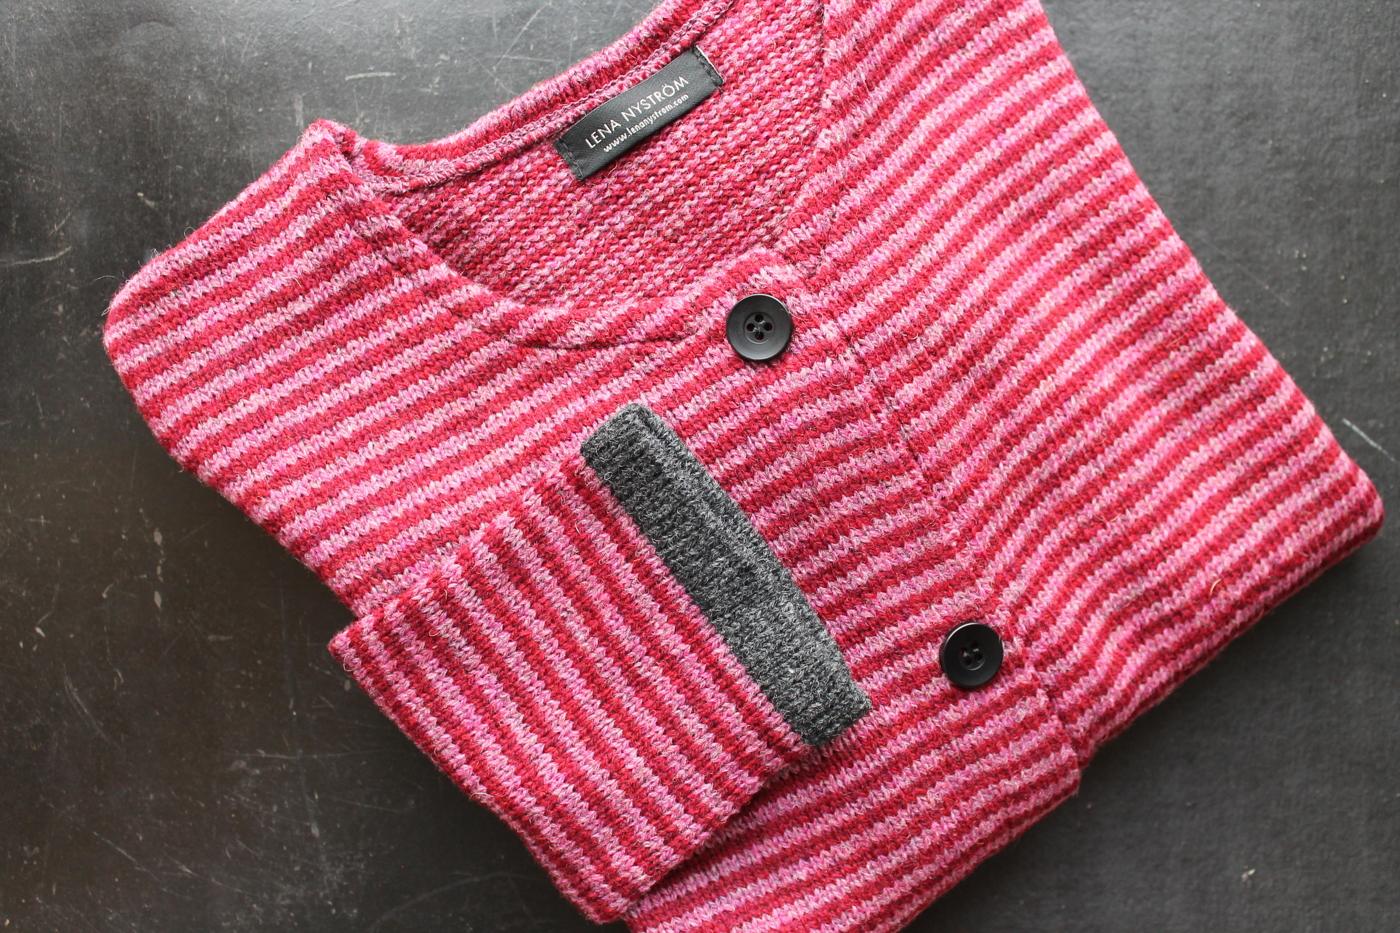 röd/rosa grå kant